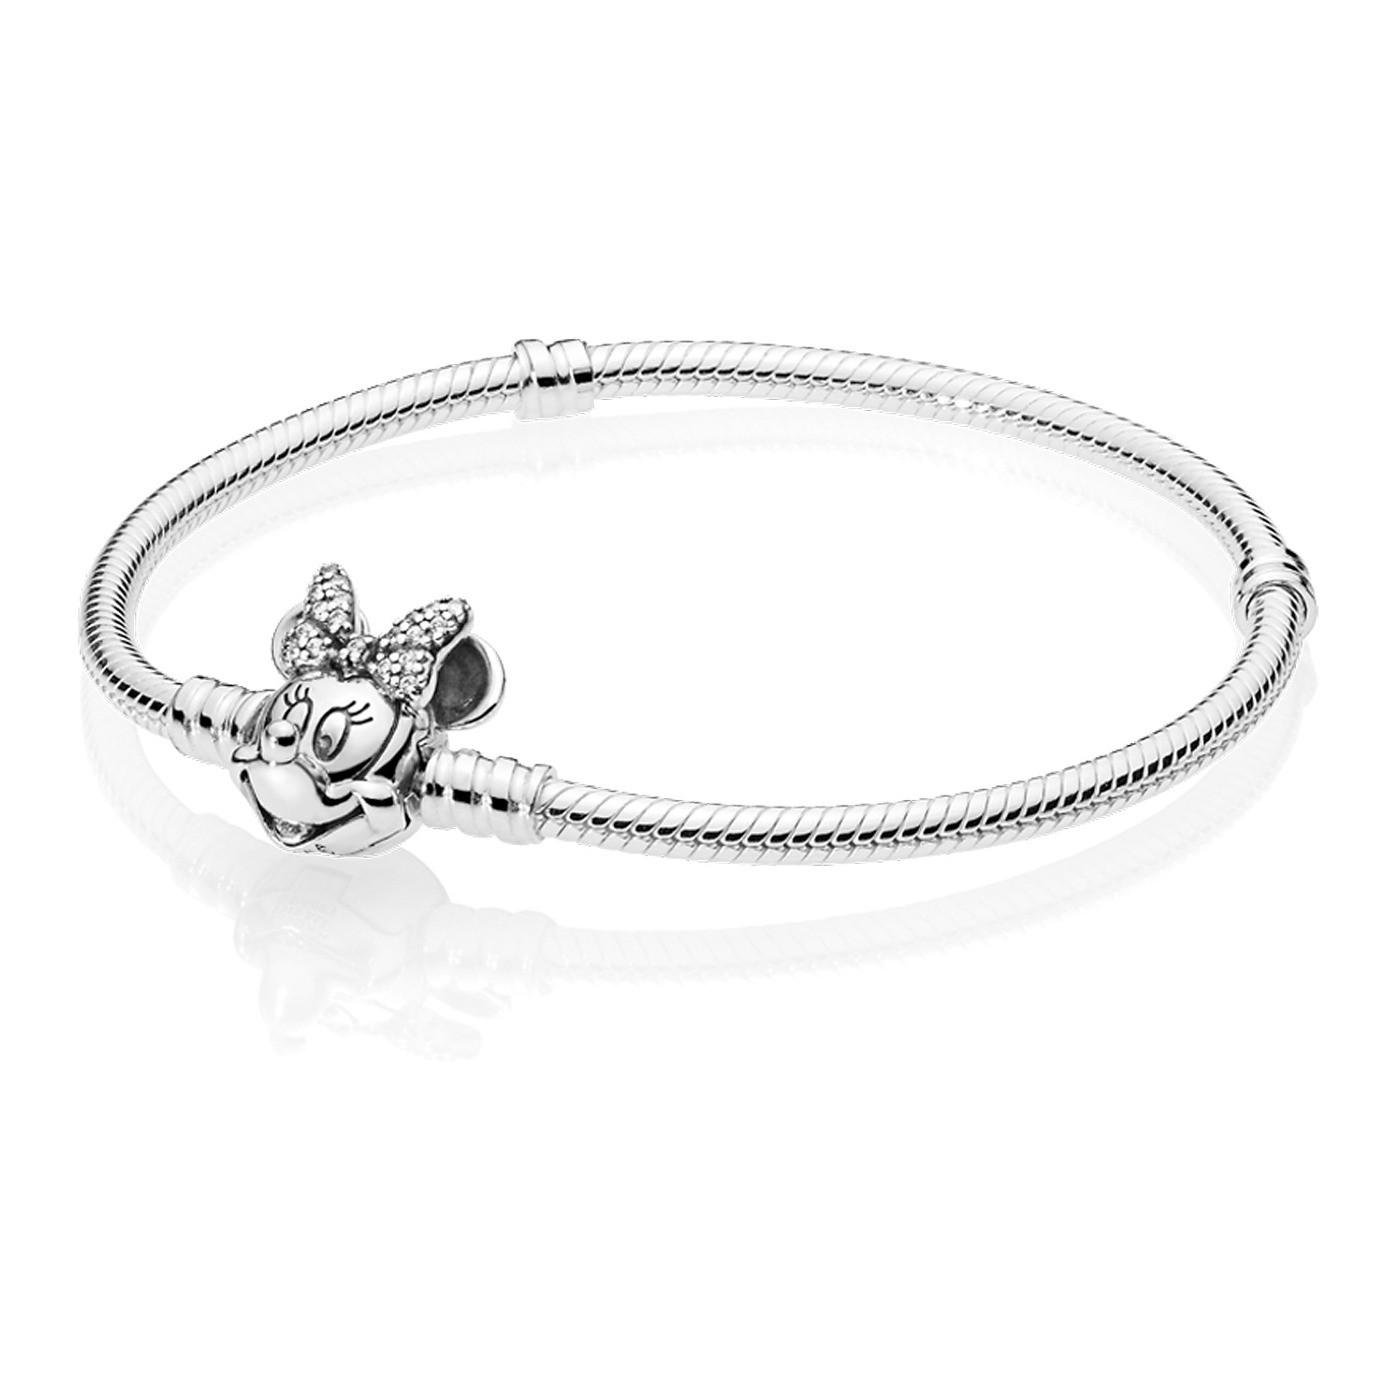 zum halben Preis große Auswahl an Farben und Designs gute Qualität Pandora Disney armband 597770CZ (Größe: 17-20 cm)